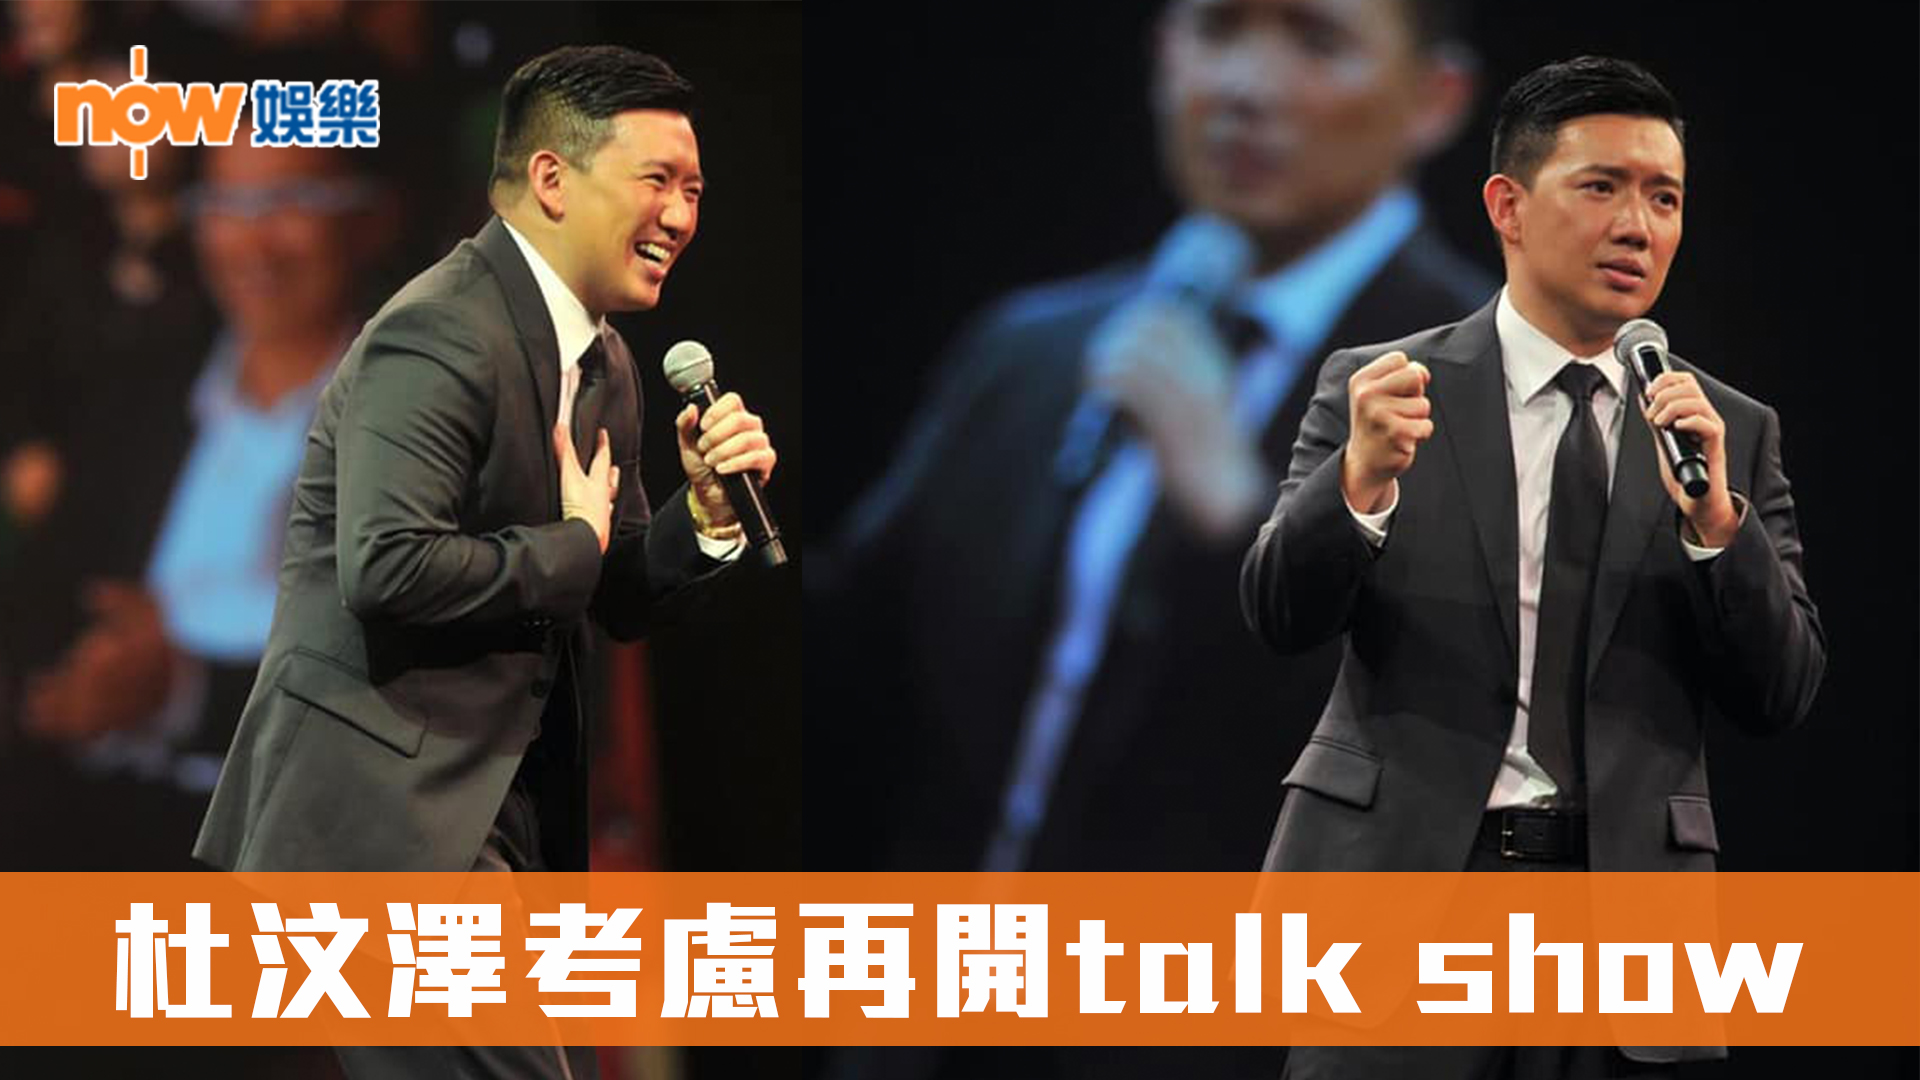 【相隔7年】杜汶澤考慮再開talk show :今時今日仲有咩好驚?